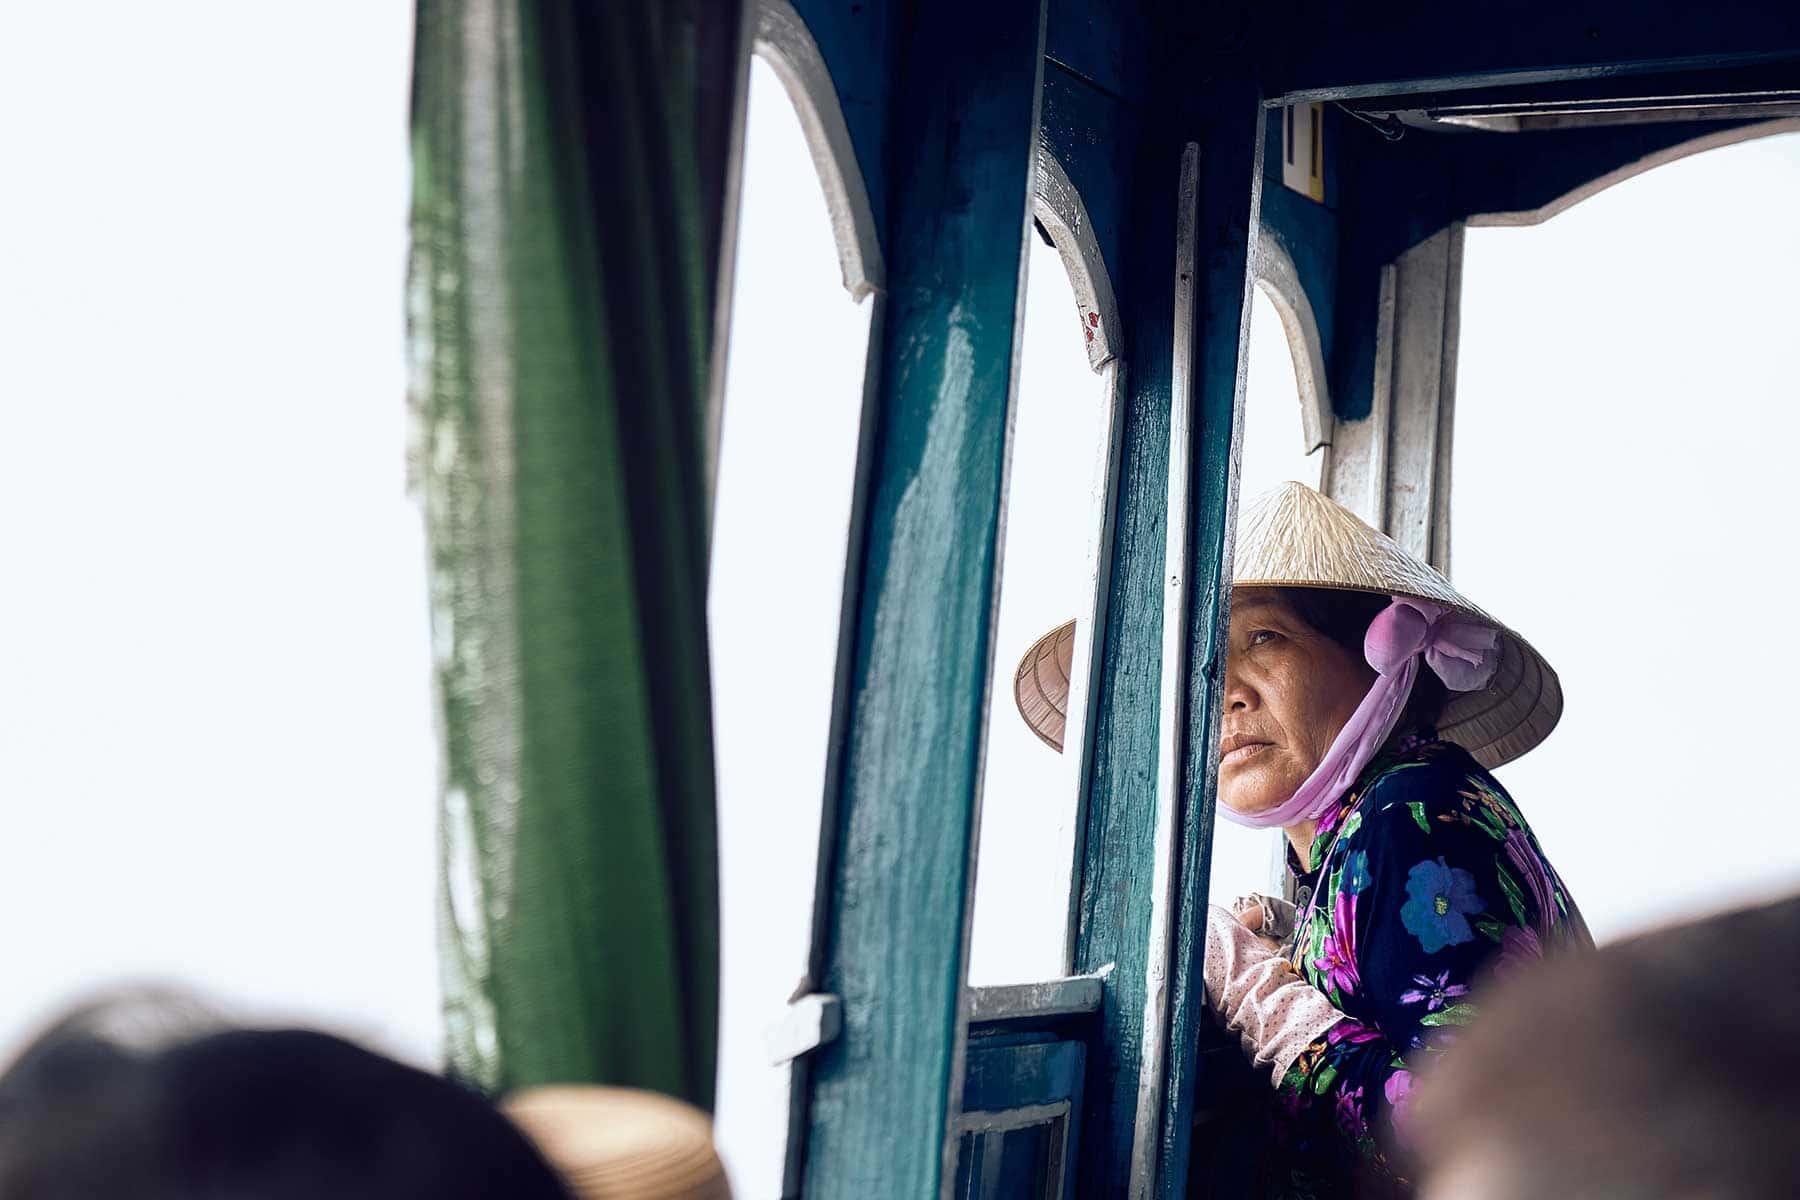 Resor-till-Ho-Chi-Minh-Nygren-Lind-Resebyrå-kvinna-på-buss